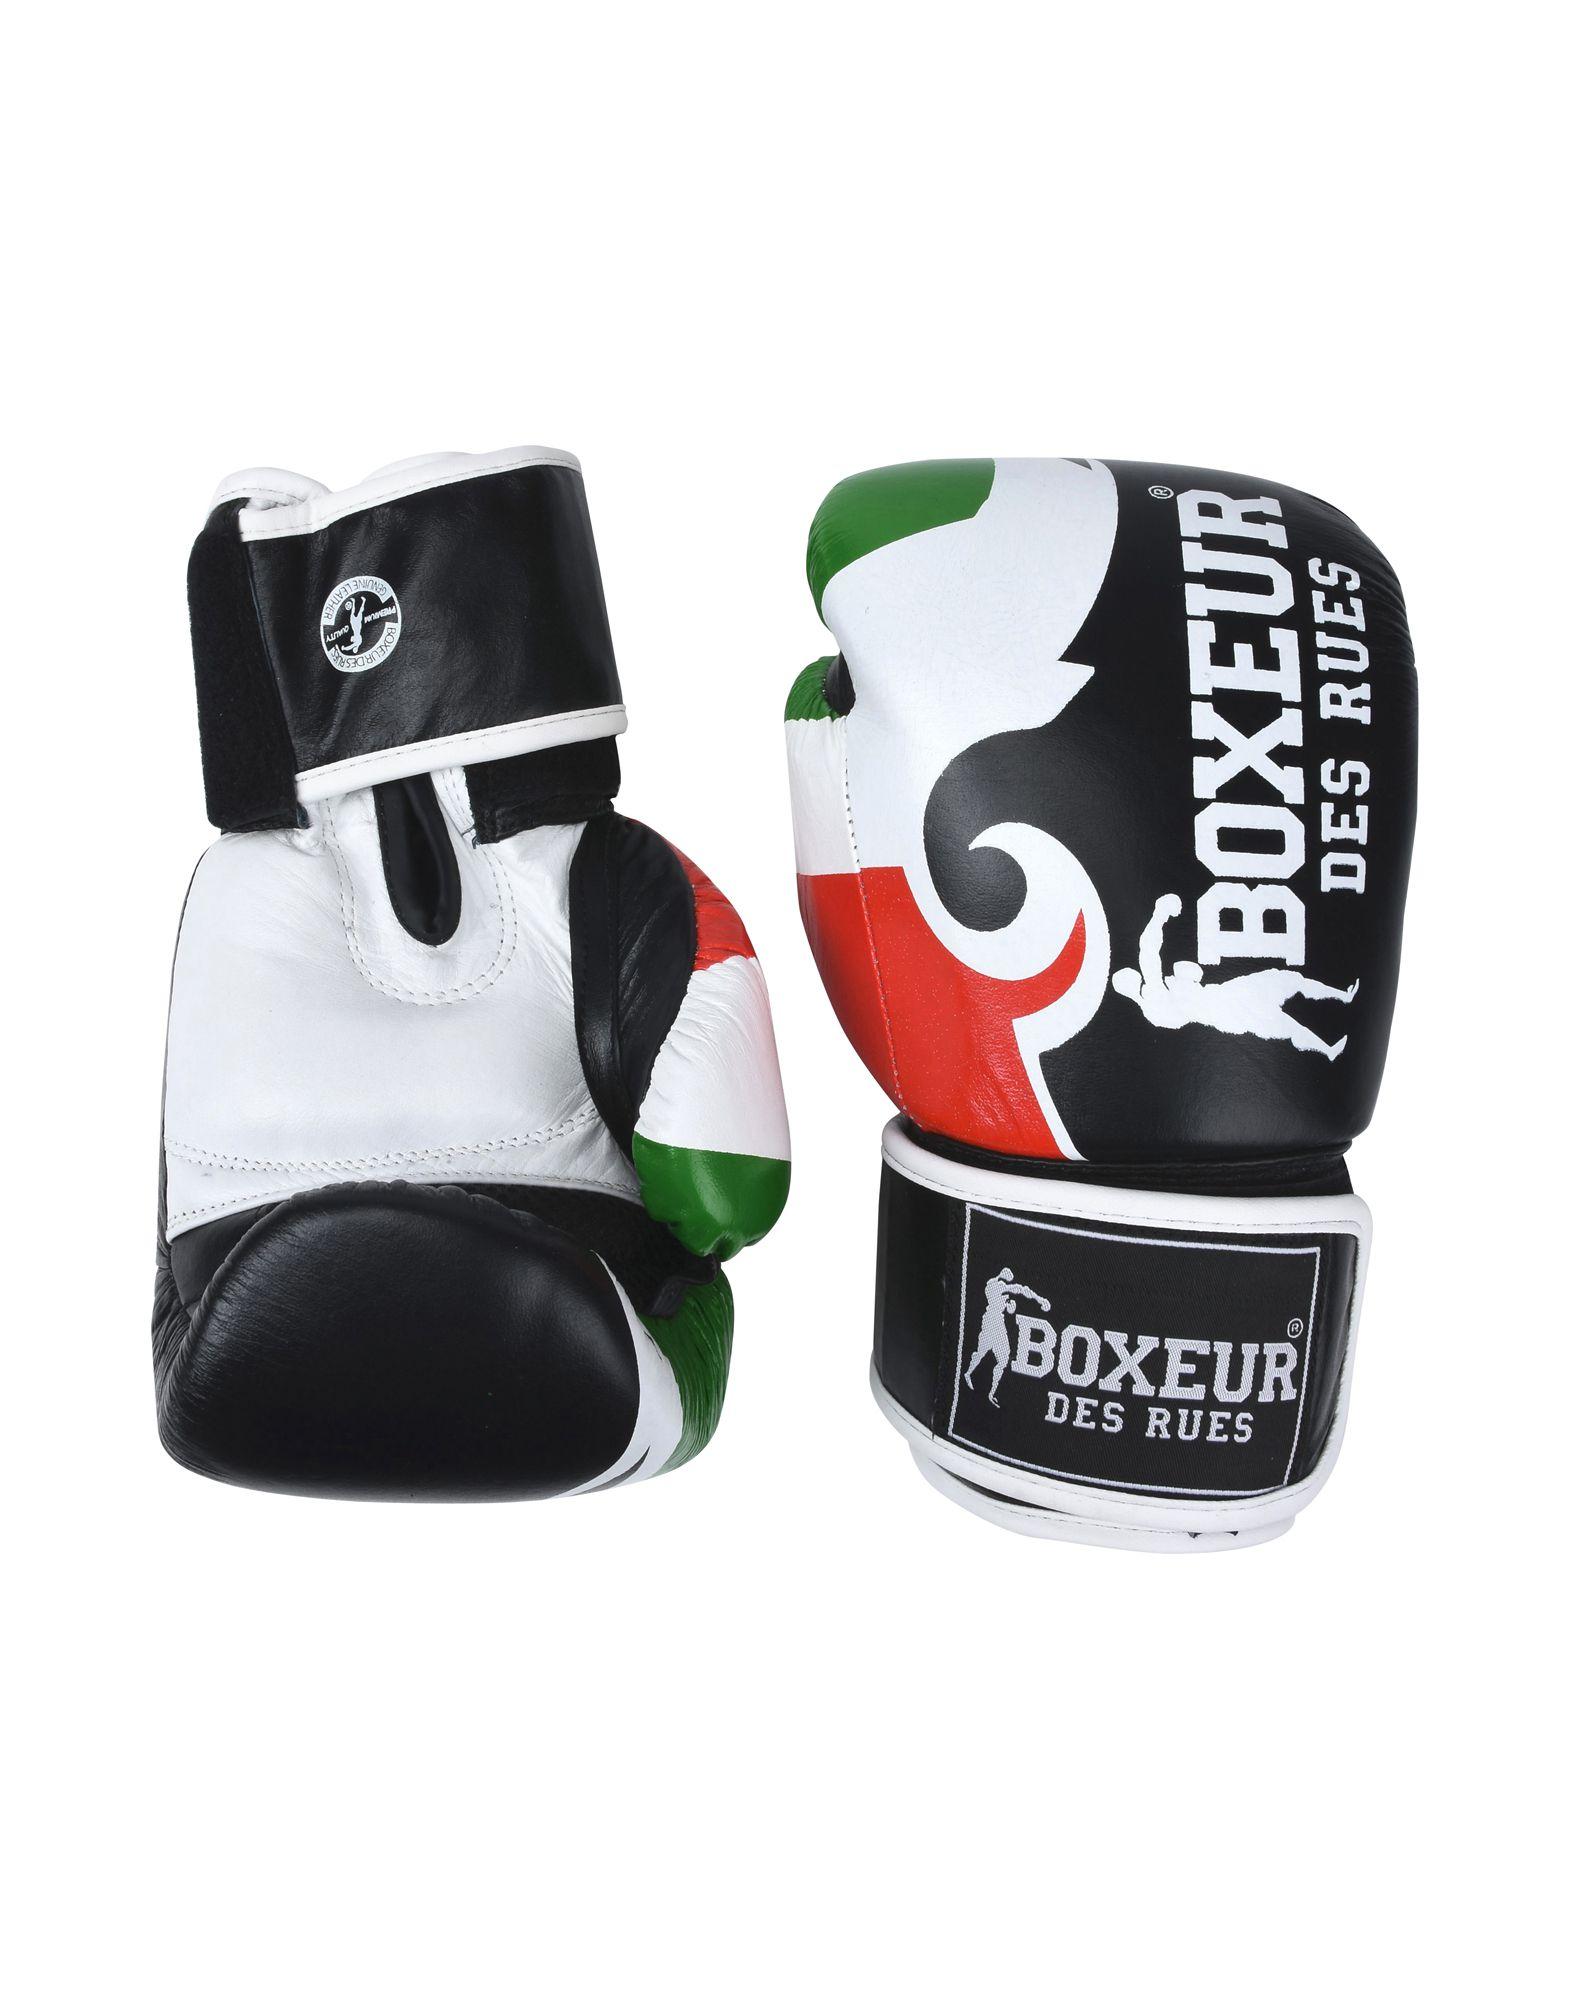 BOXEUR DES RUES Фитнес boxeur des rues фитнес